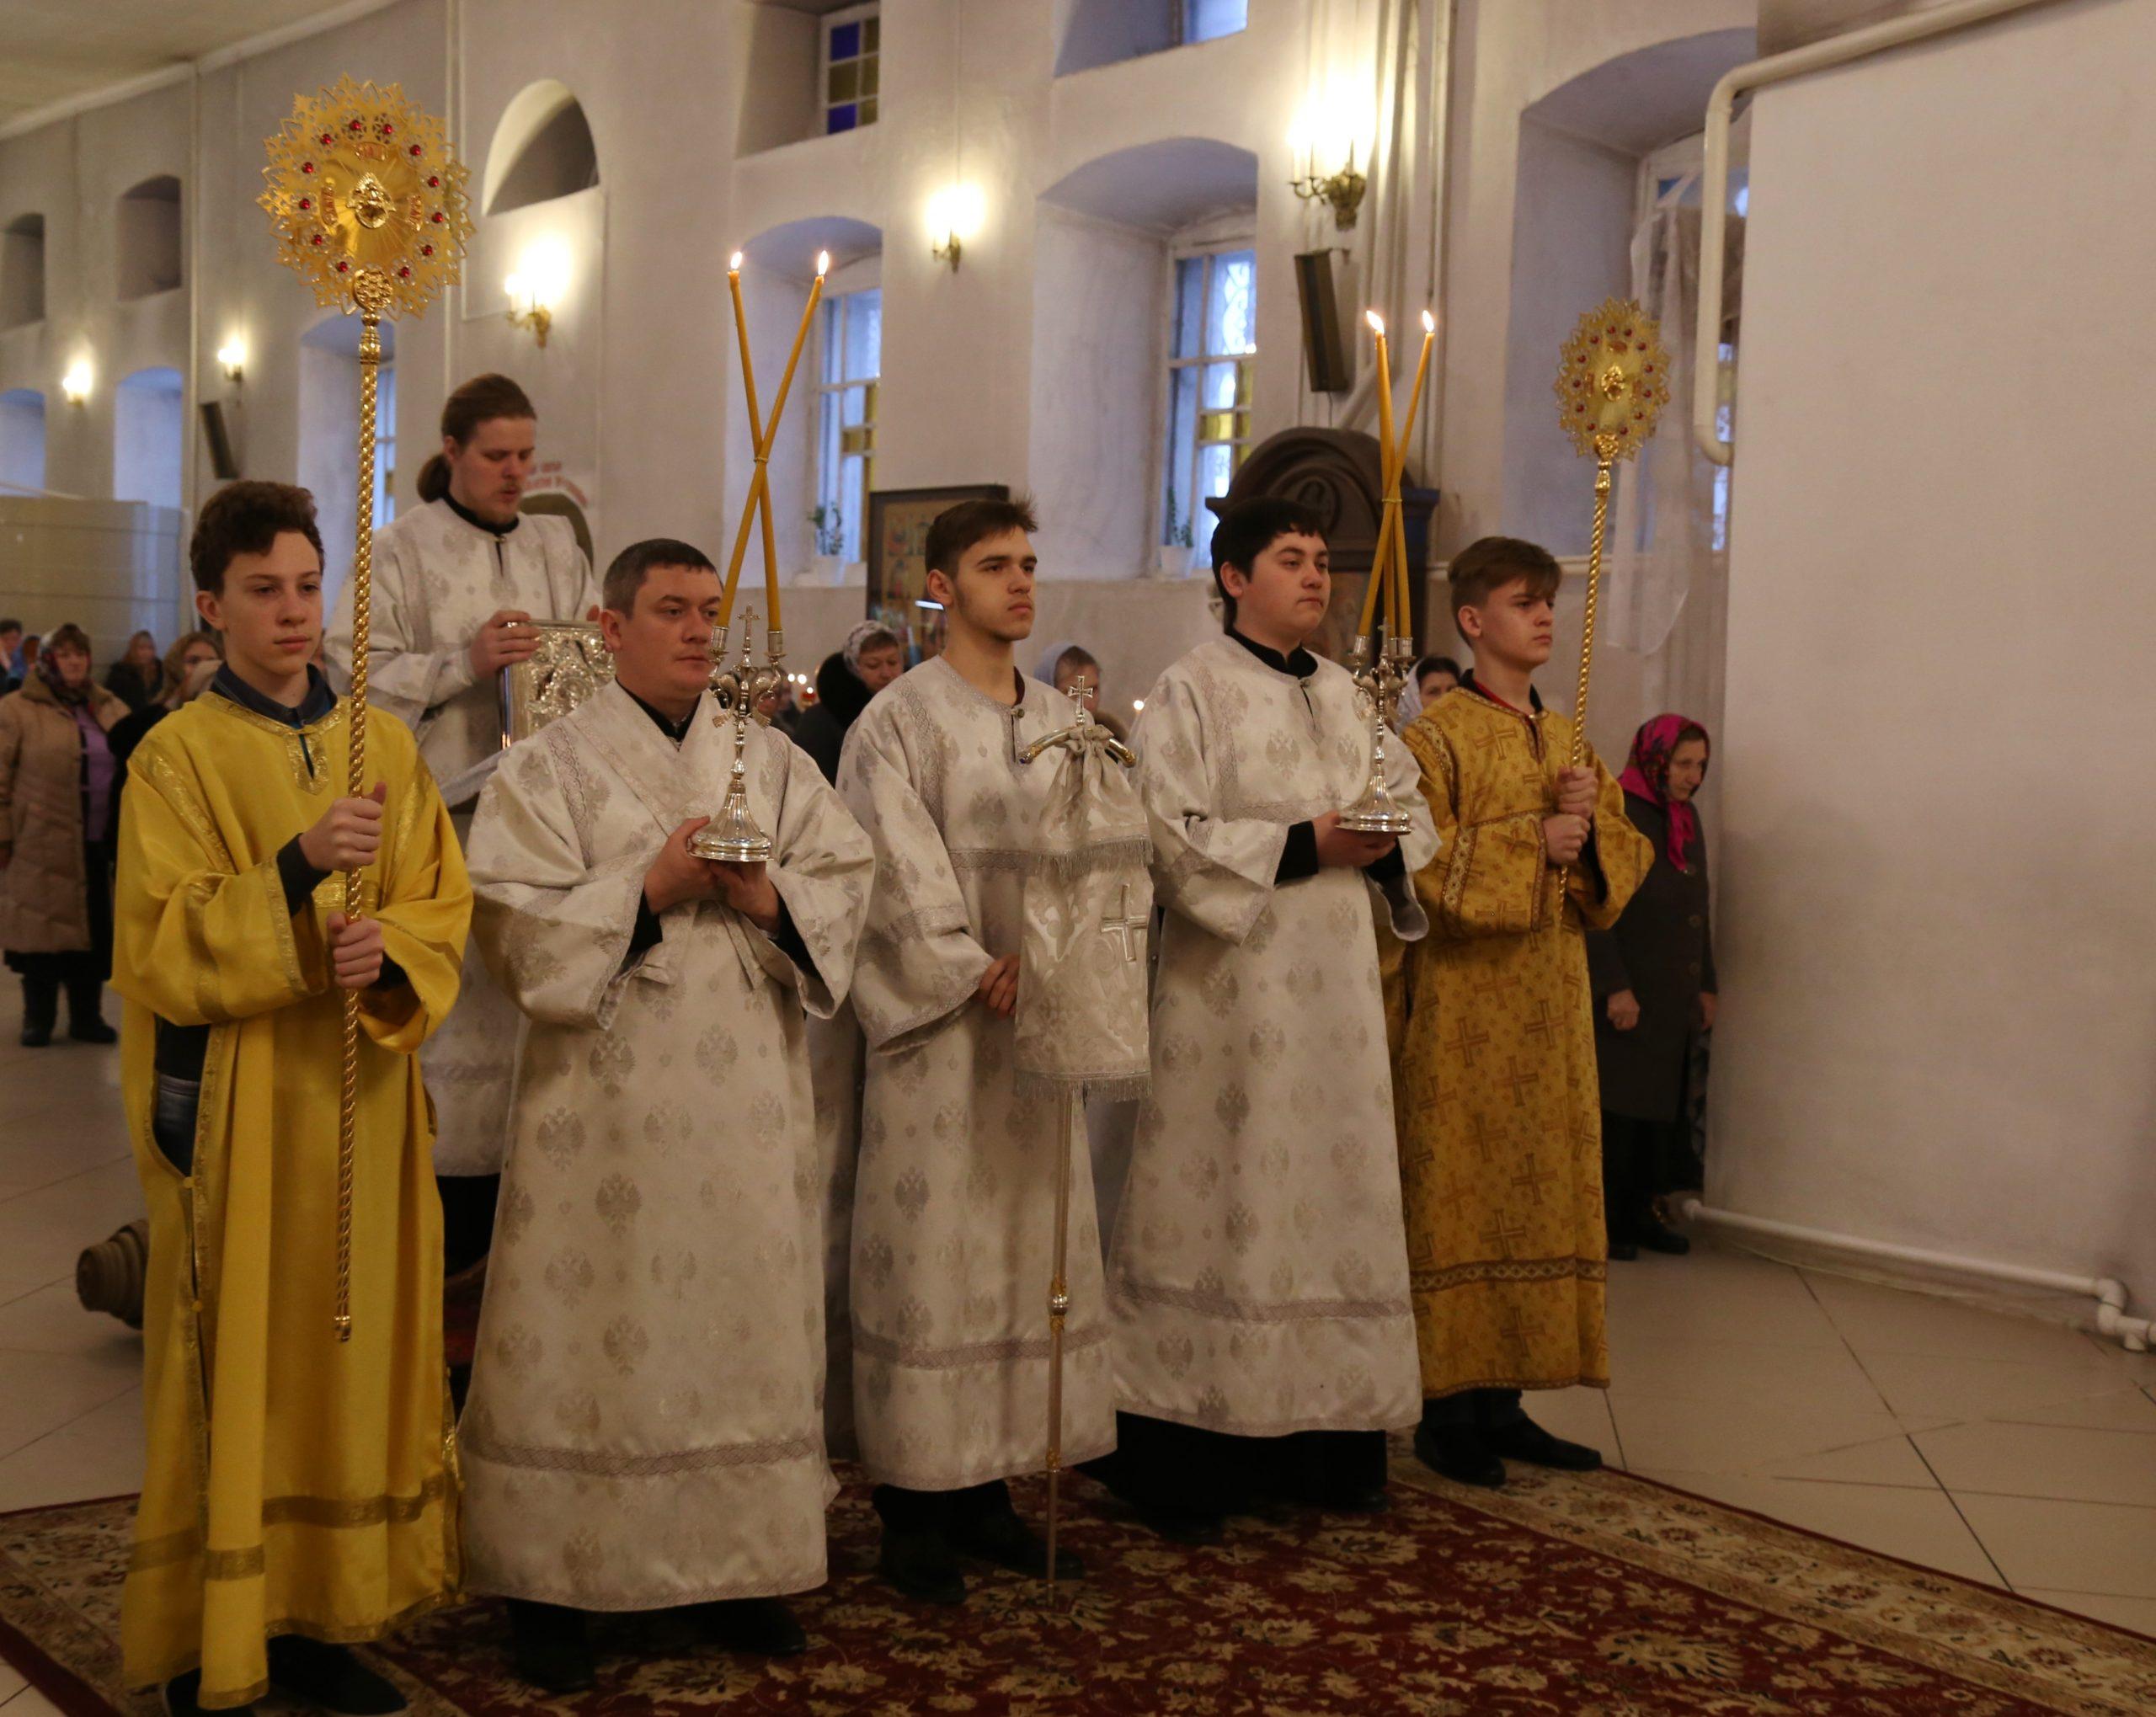 подчеркнуть, поздравление с днем епископской хиротонии поверить